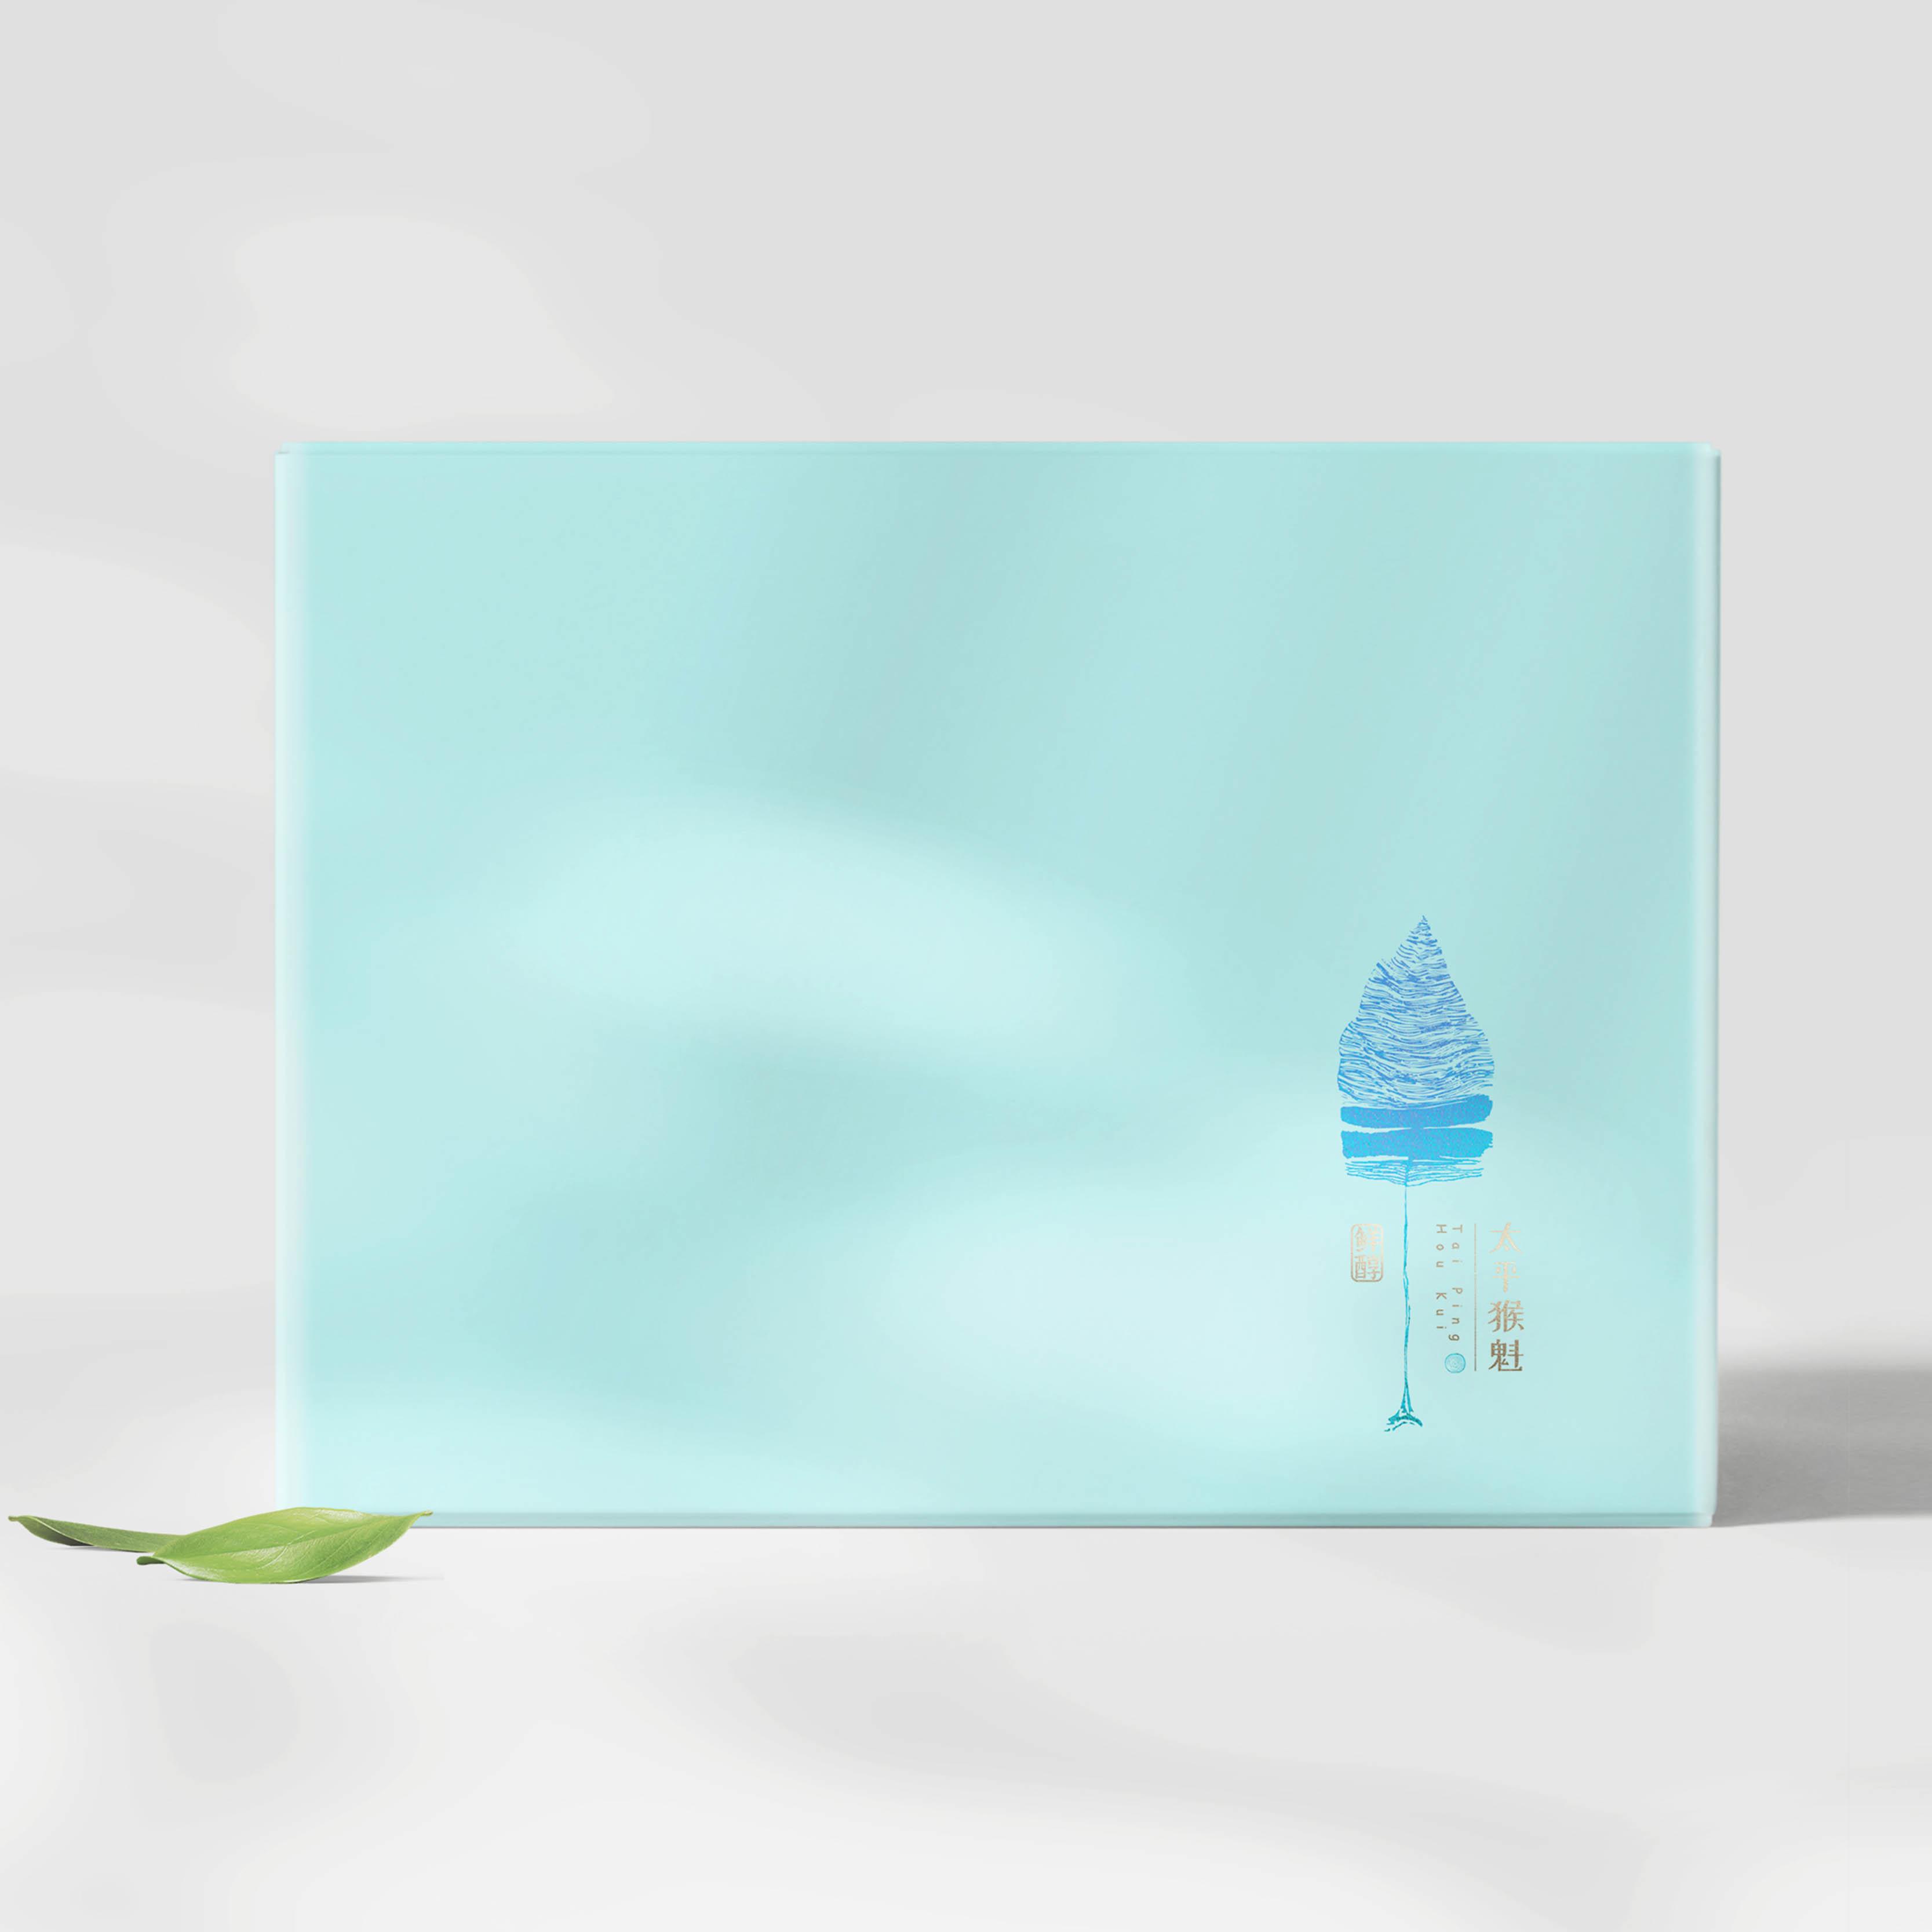 太平猴魁食品包装盒设计